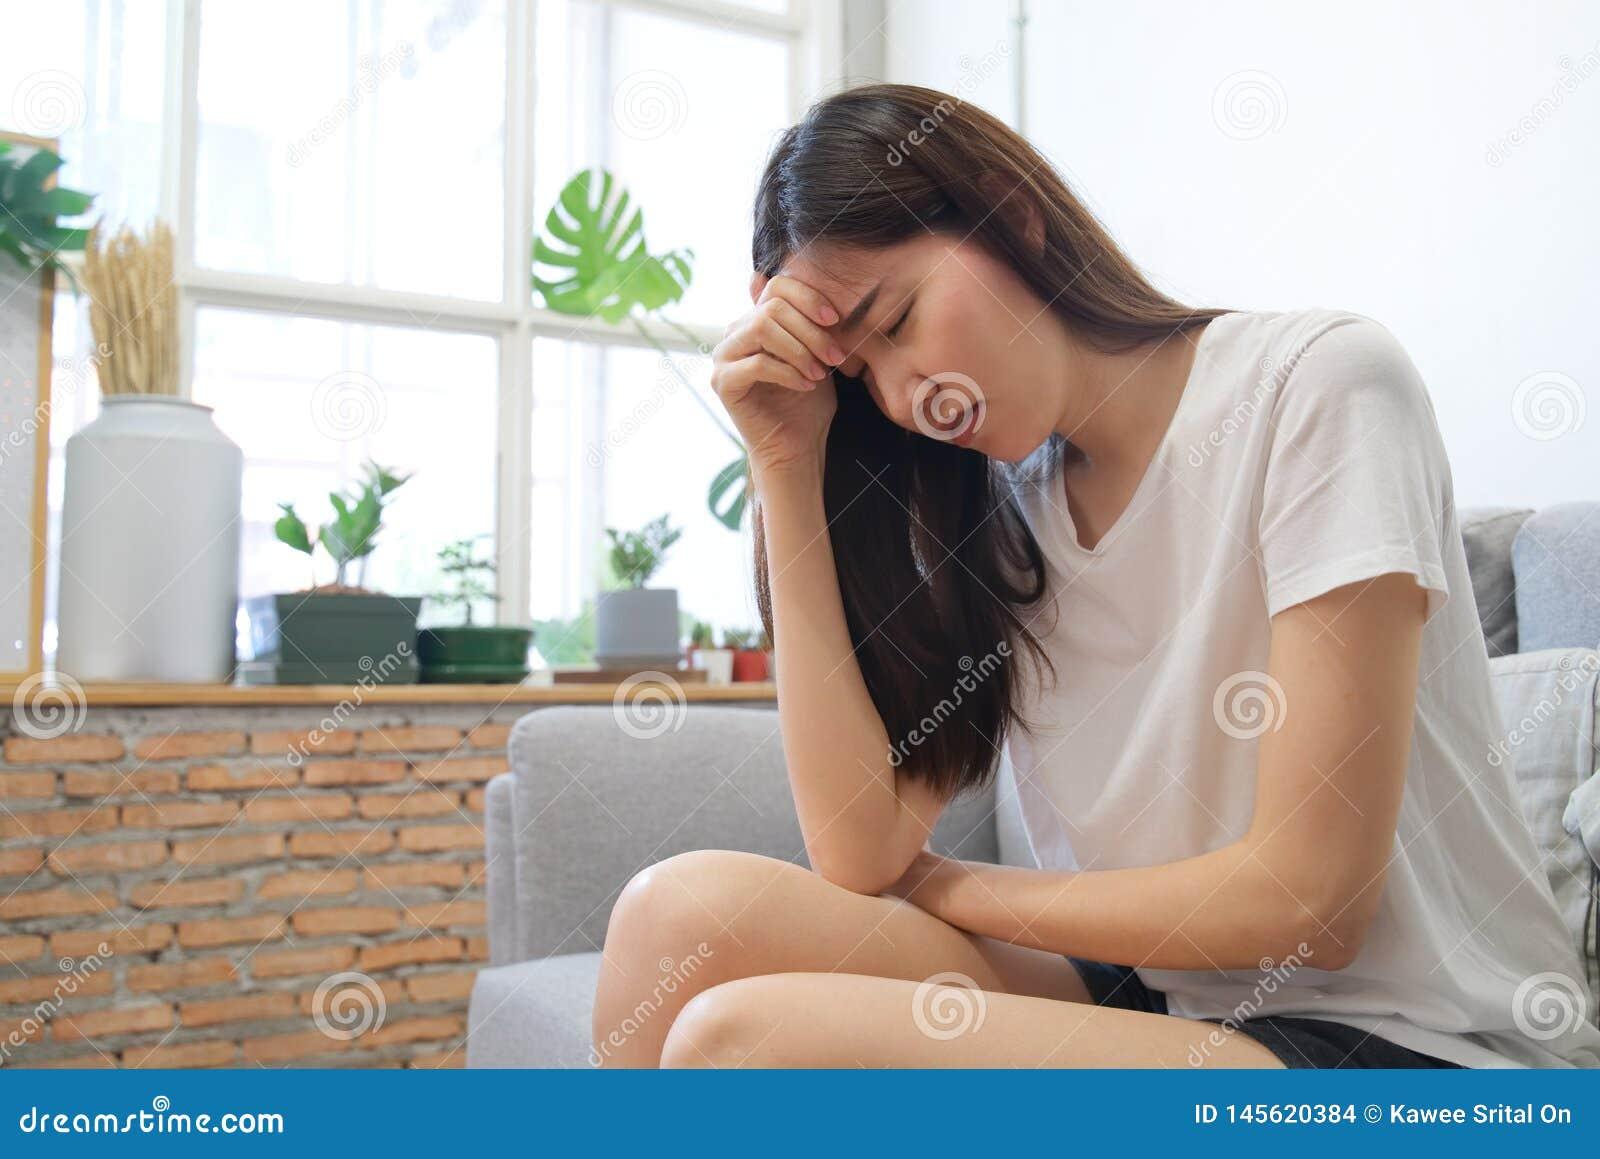 在年轻不快乐的悲伤亚裔女孩寺庙的手坐沙发 她感觉不非常好由于她的憔悴并且有